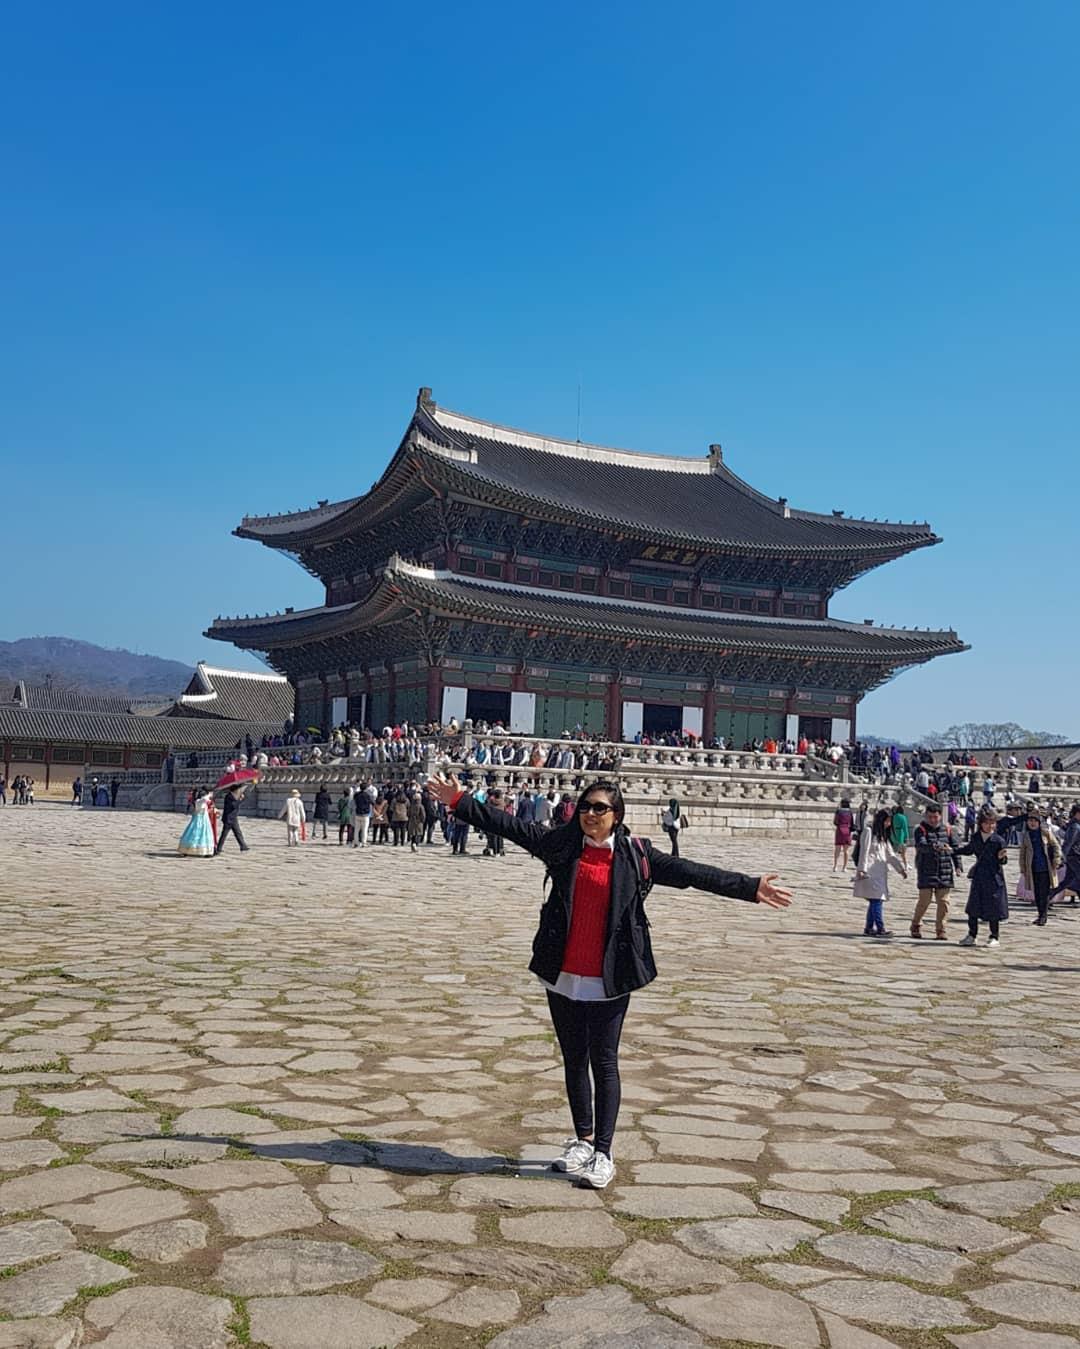 Lạc lối ở Seoul với những cung điện thường thấy trong các bộ phim cổ trang Hàn Quốc - Ảnh 1.